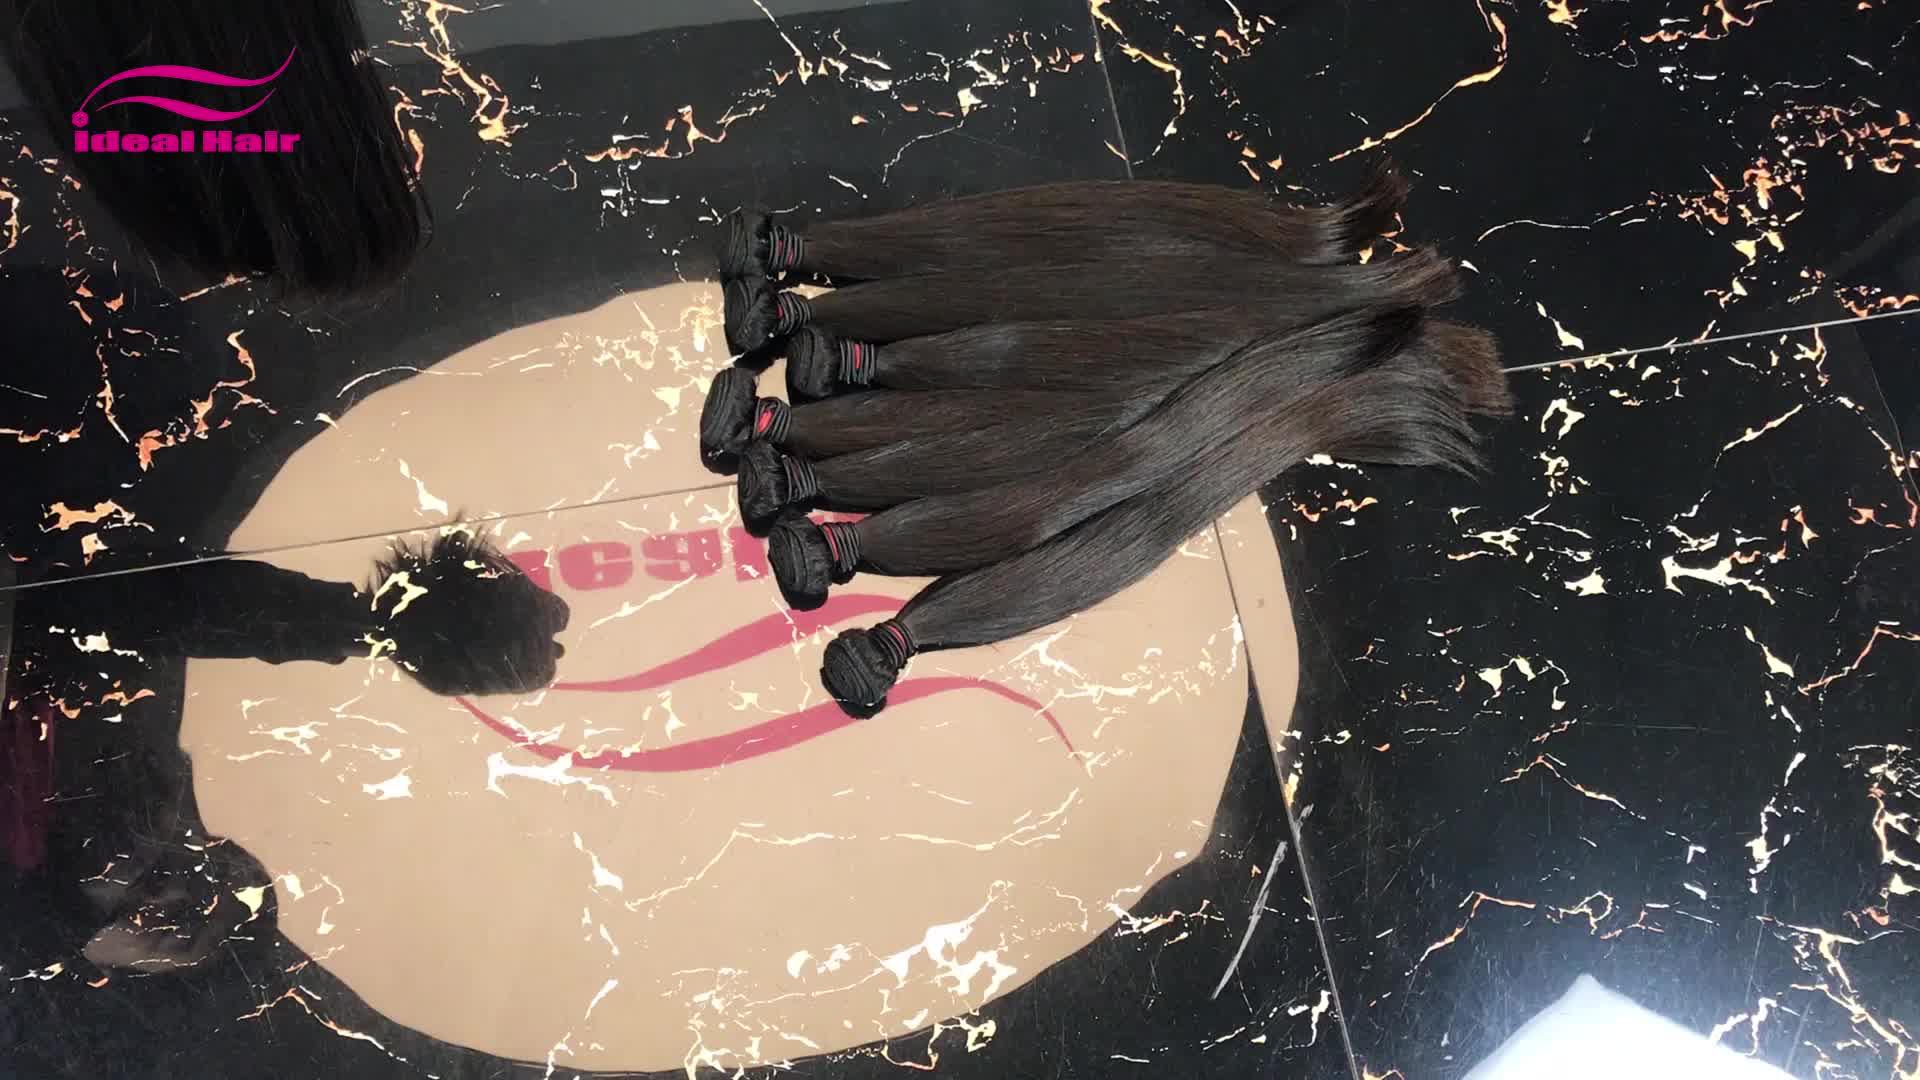 Remy reines indisches haut schuss nahtlose haar extensions, natürliche hand gebunden schuss haar verlängerung, raw indisches haar unverarbeitete reine